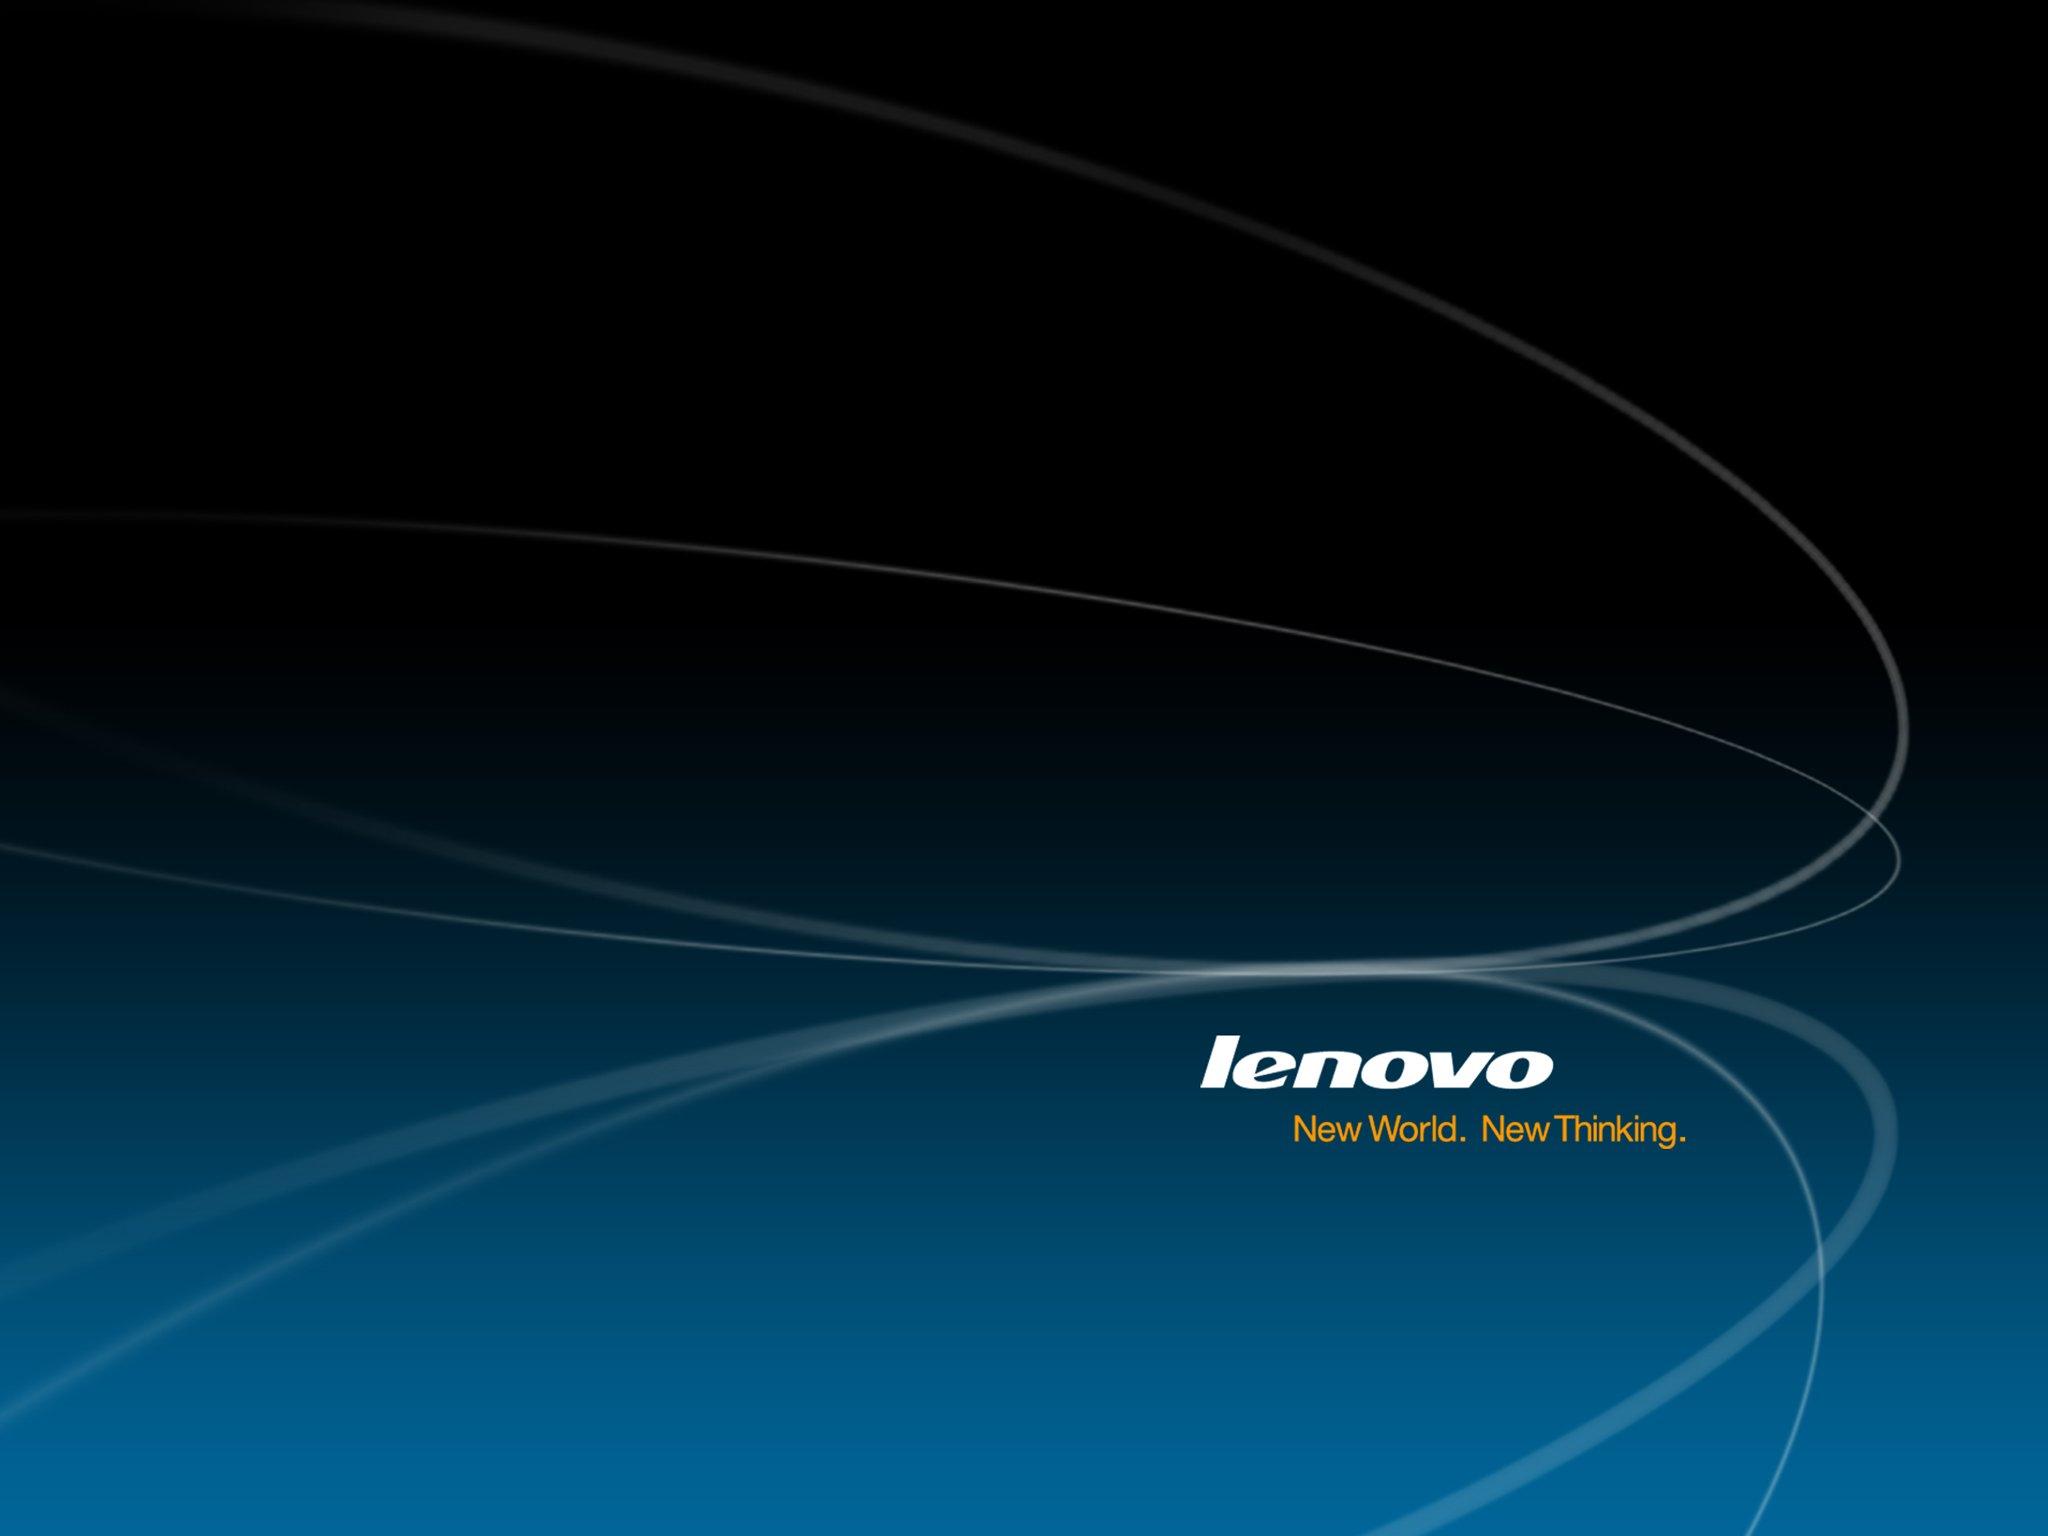 Lenovo Wallpaper Car: Official Lenovo Wallpaper